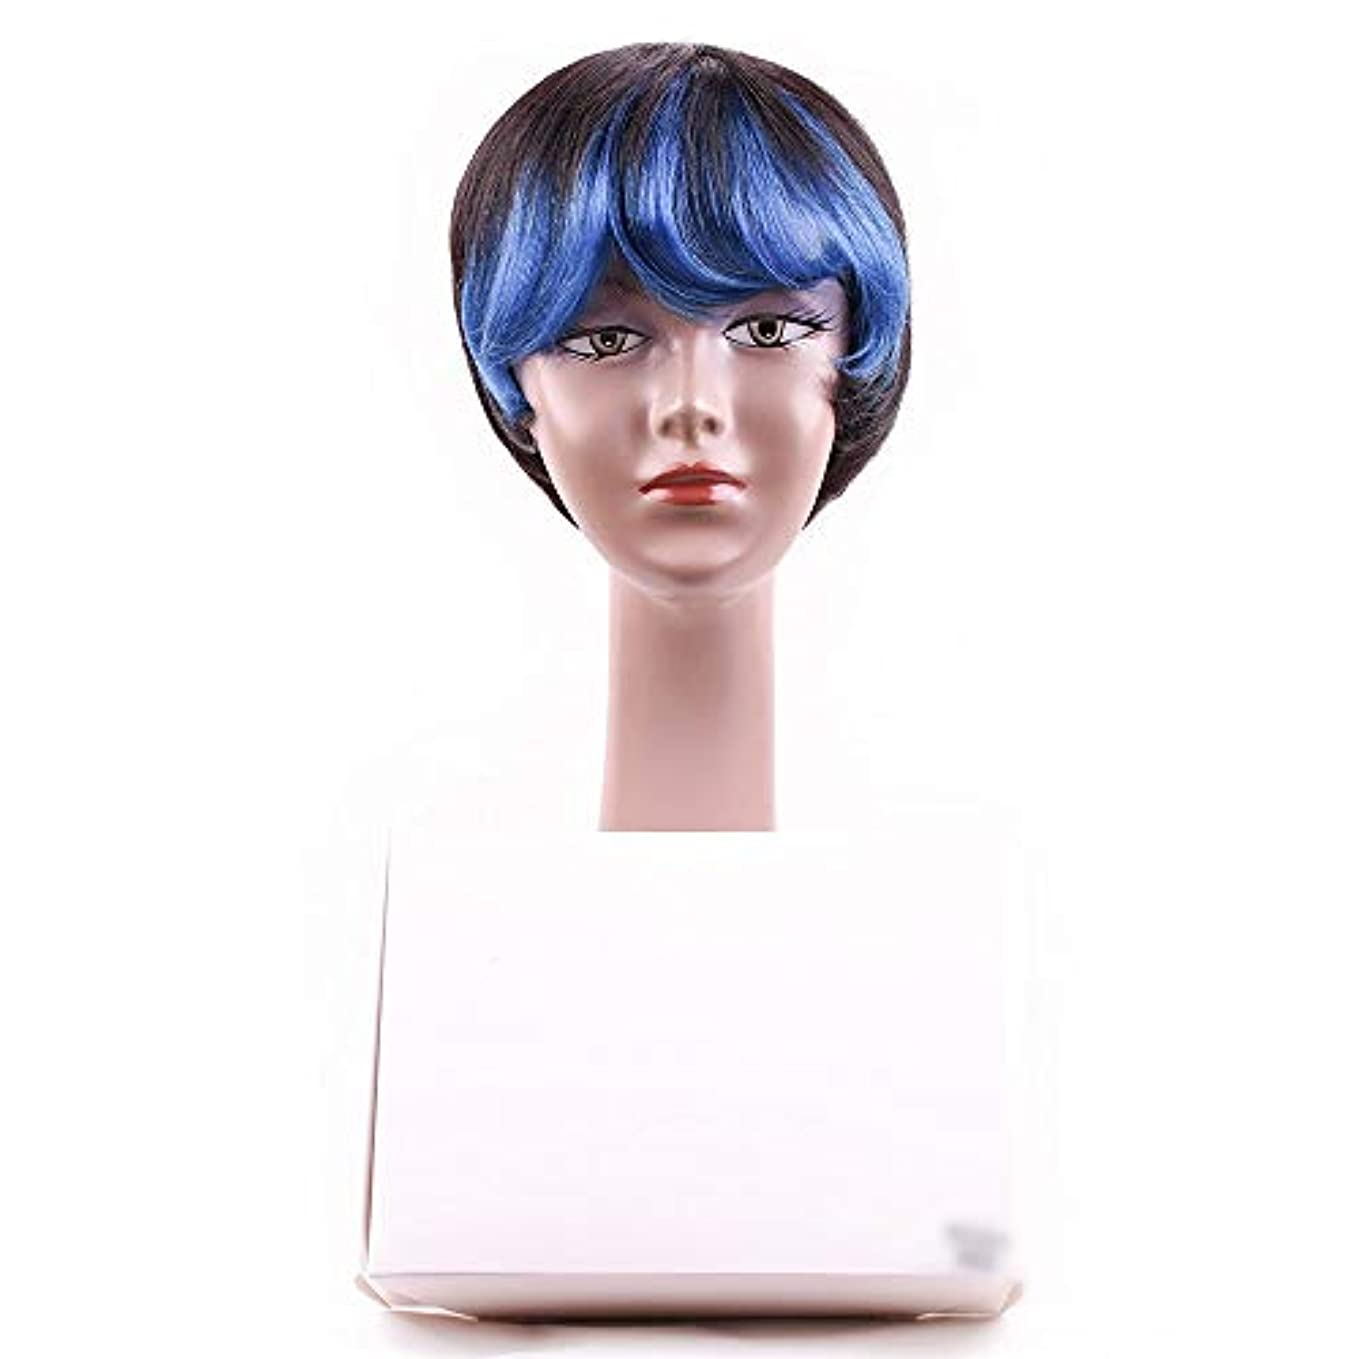 フラフープ電話する脱臼するYOUQIU 斜め前髪完全な頭部コスプレパーティーウィッグかつらと女性の人間の毛髪のショートボブウィッグ (色 : 青)